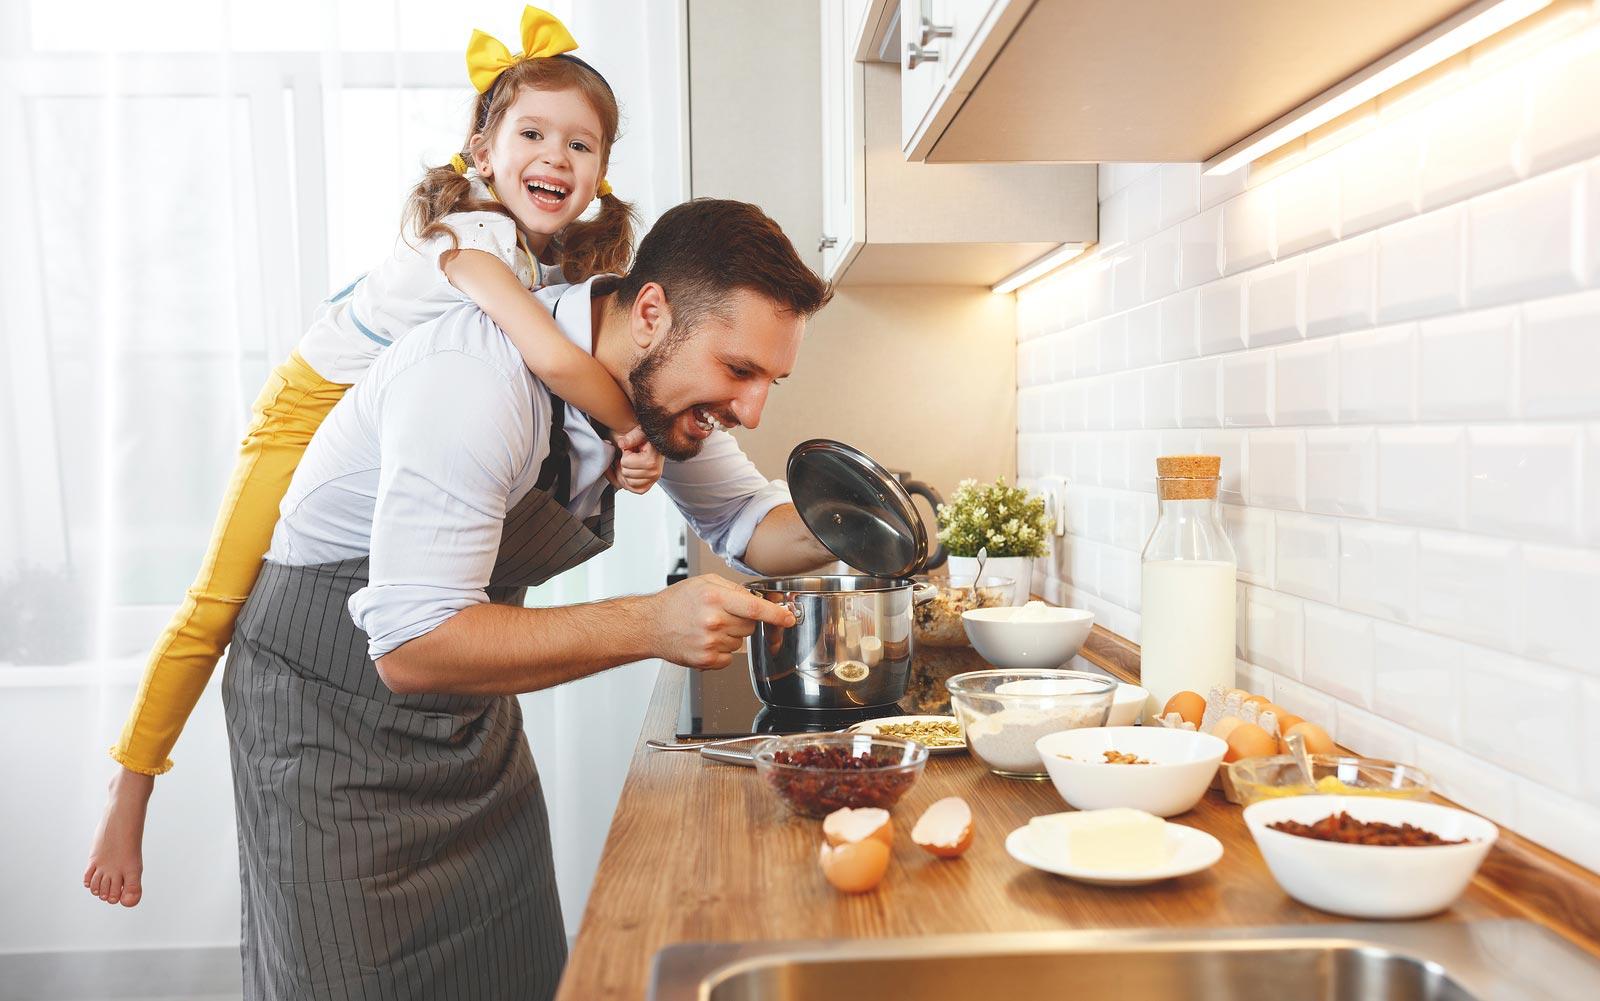 Une famille fait la cuisine avec des outils de cuisine avant de les entreposer.